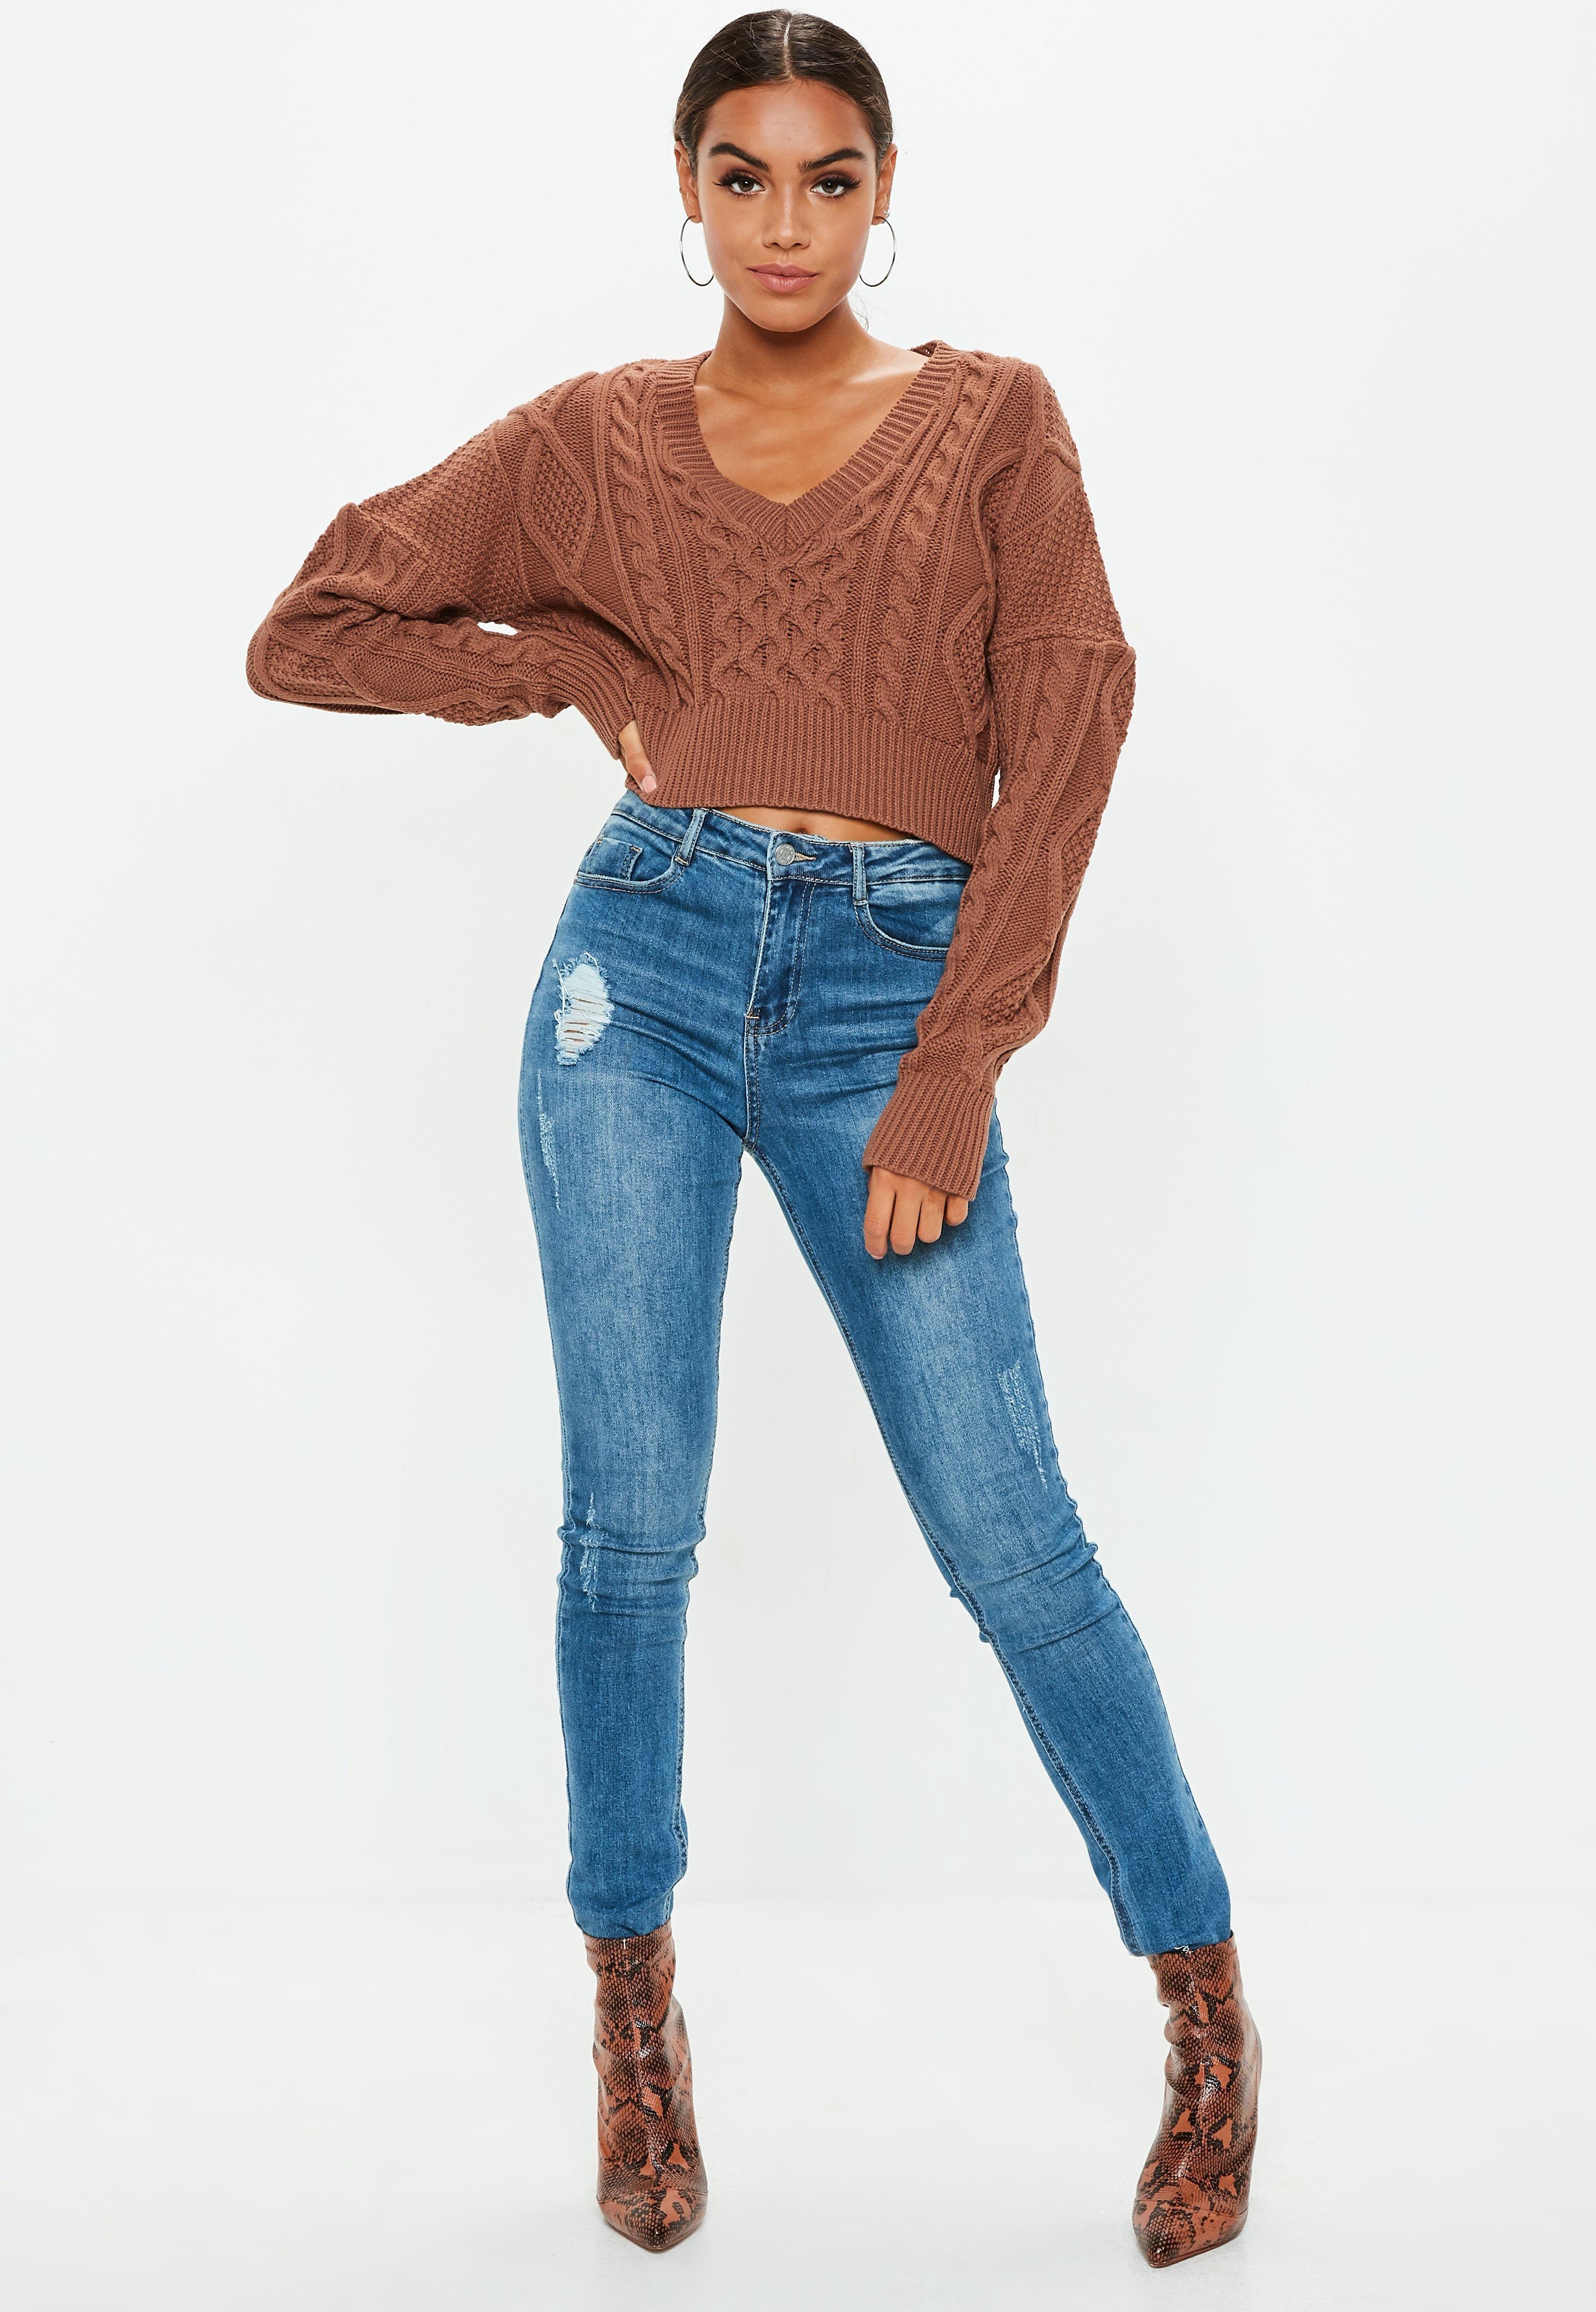 961fcb6b0fd Women s Sweaters - Oversized   Knitted Sweaters